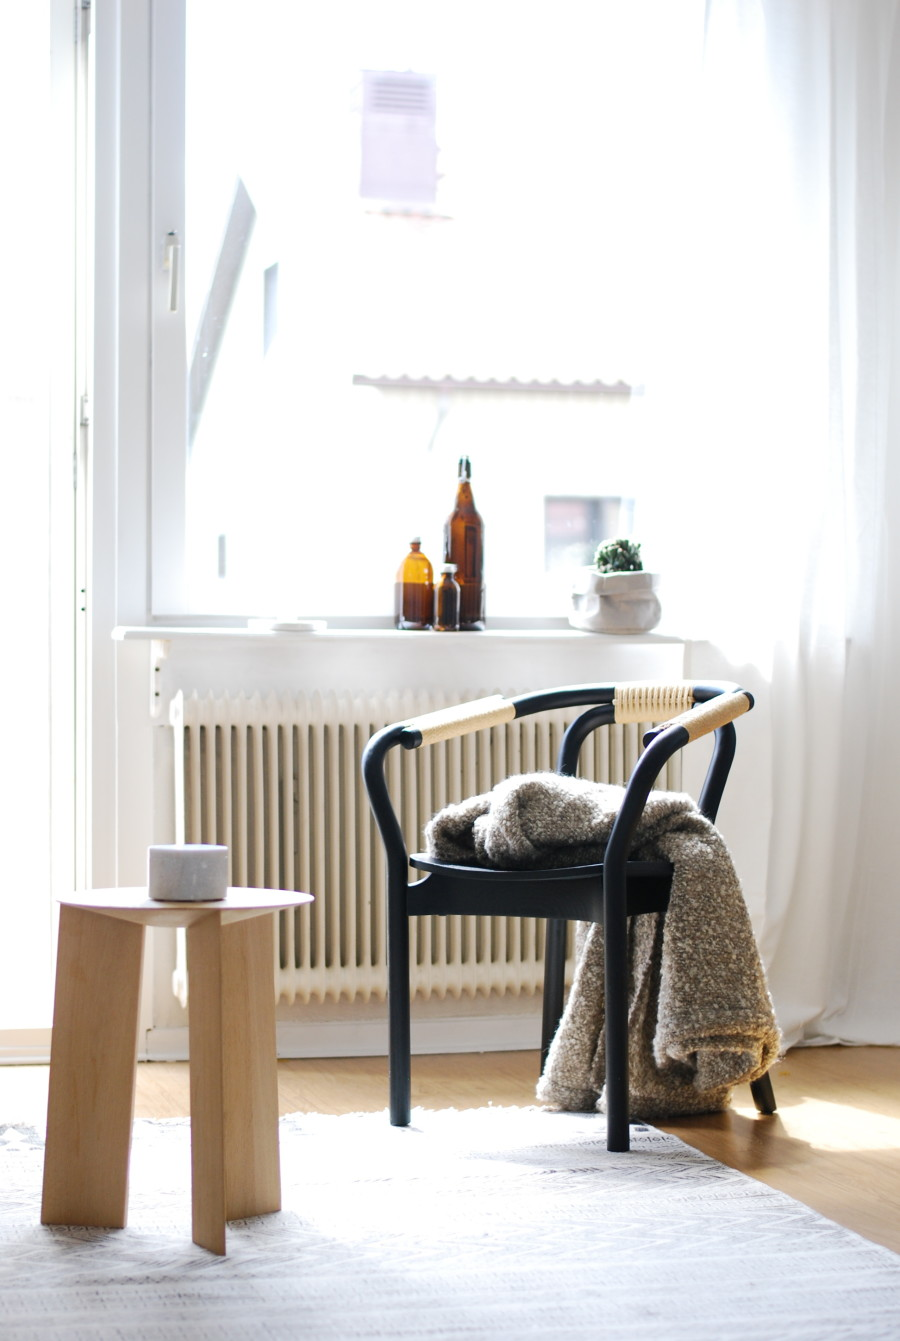 homestyling - perfectionmakesmeyawn - gullrisgatan